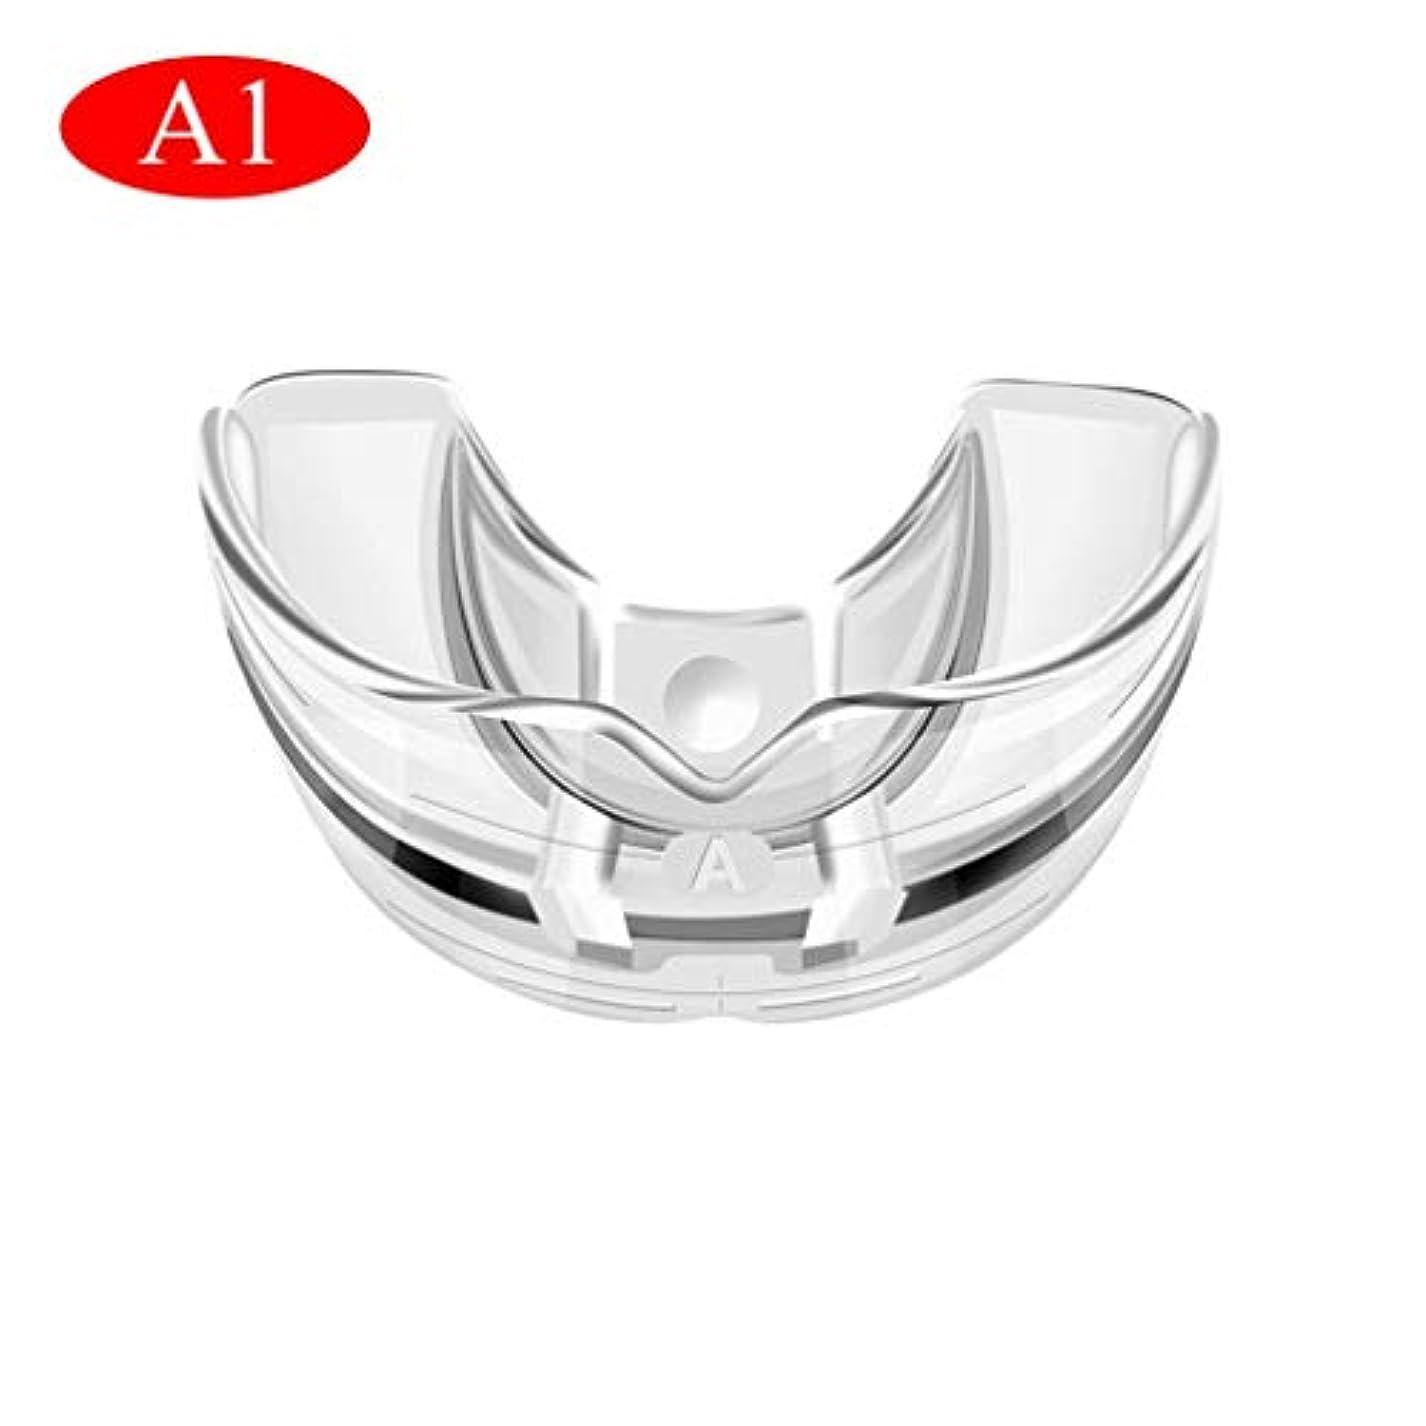 誰がトレイクリーナー歯列矯正器具、歯の状態に応じた3段階/透明で柔らかい、そして硬い歯科用マウスガード歯列矯正器具(透明)